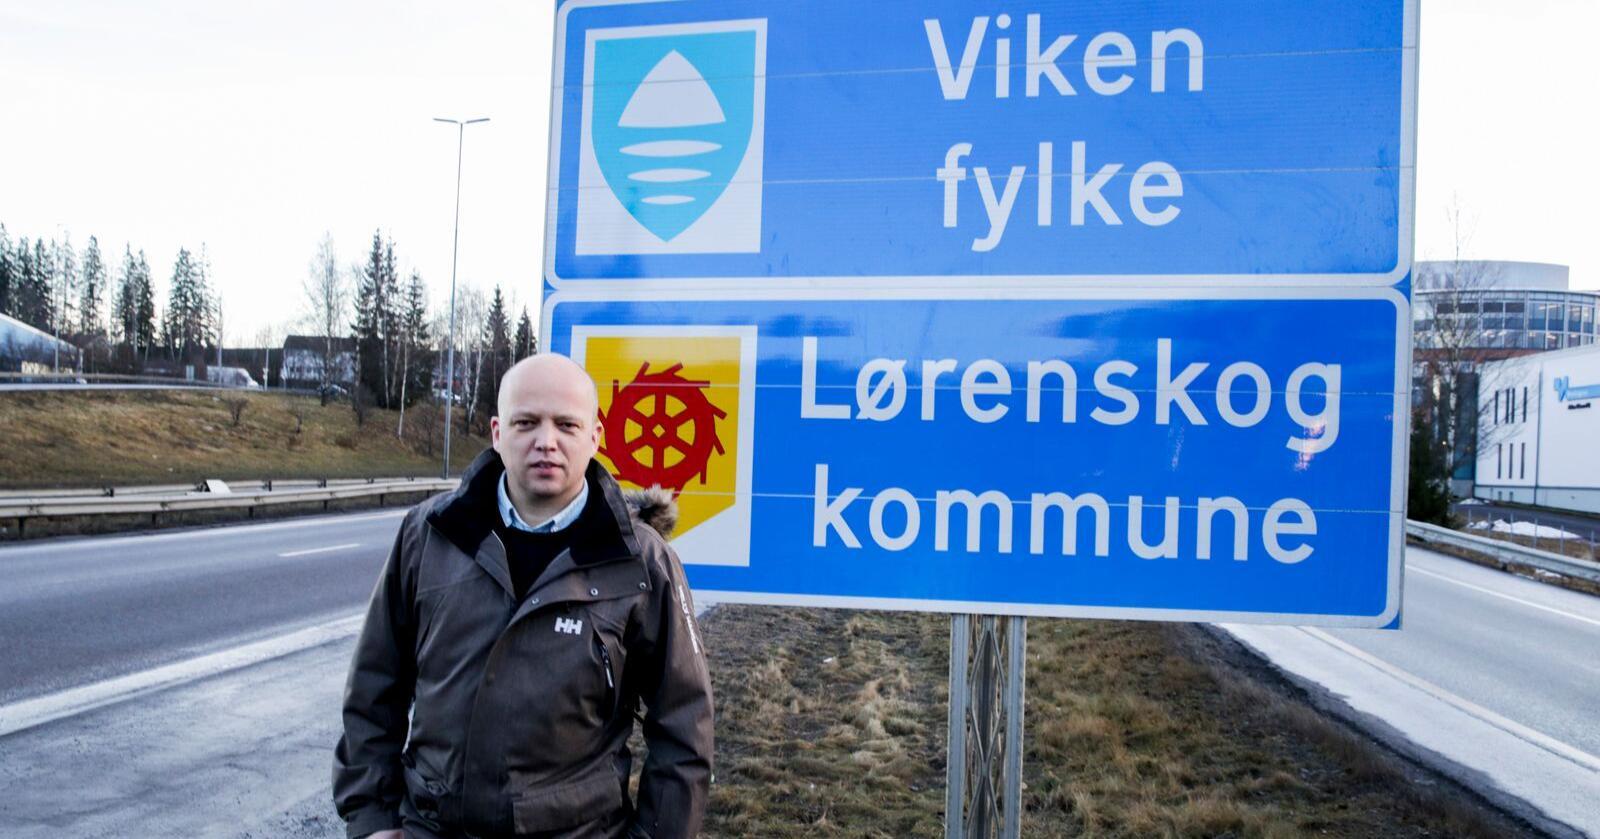 En ny meningsmåling viser at et stort flertall mener at storfylker som Viken og Troms og Finnmark bør få oppløse seg selv. – Her er en måling vi blir glad av, om en politikk til å bli trist av, sier Sp-leder Trygve Slagsvold Vedum. Foto: Vidar Ruud / NTB scanpix